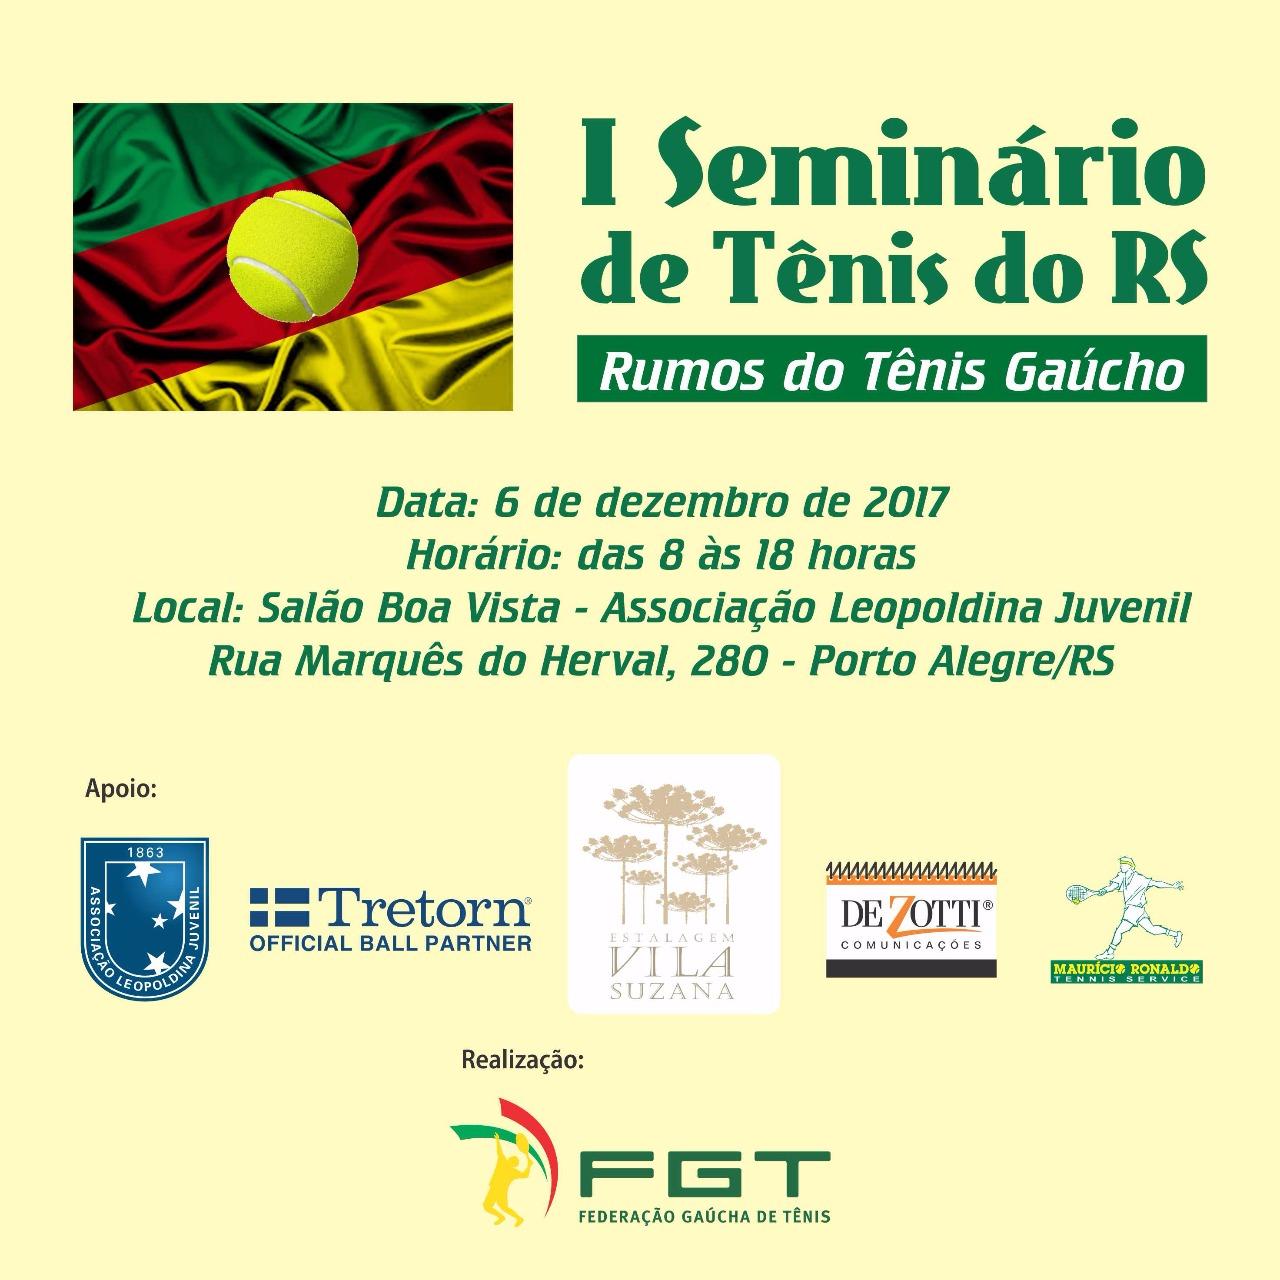 Seminário colocará em discussão os rumos do tênis gaúcho